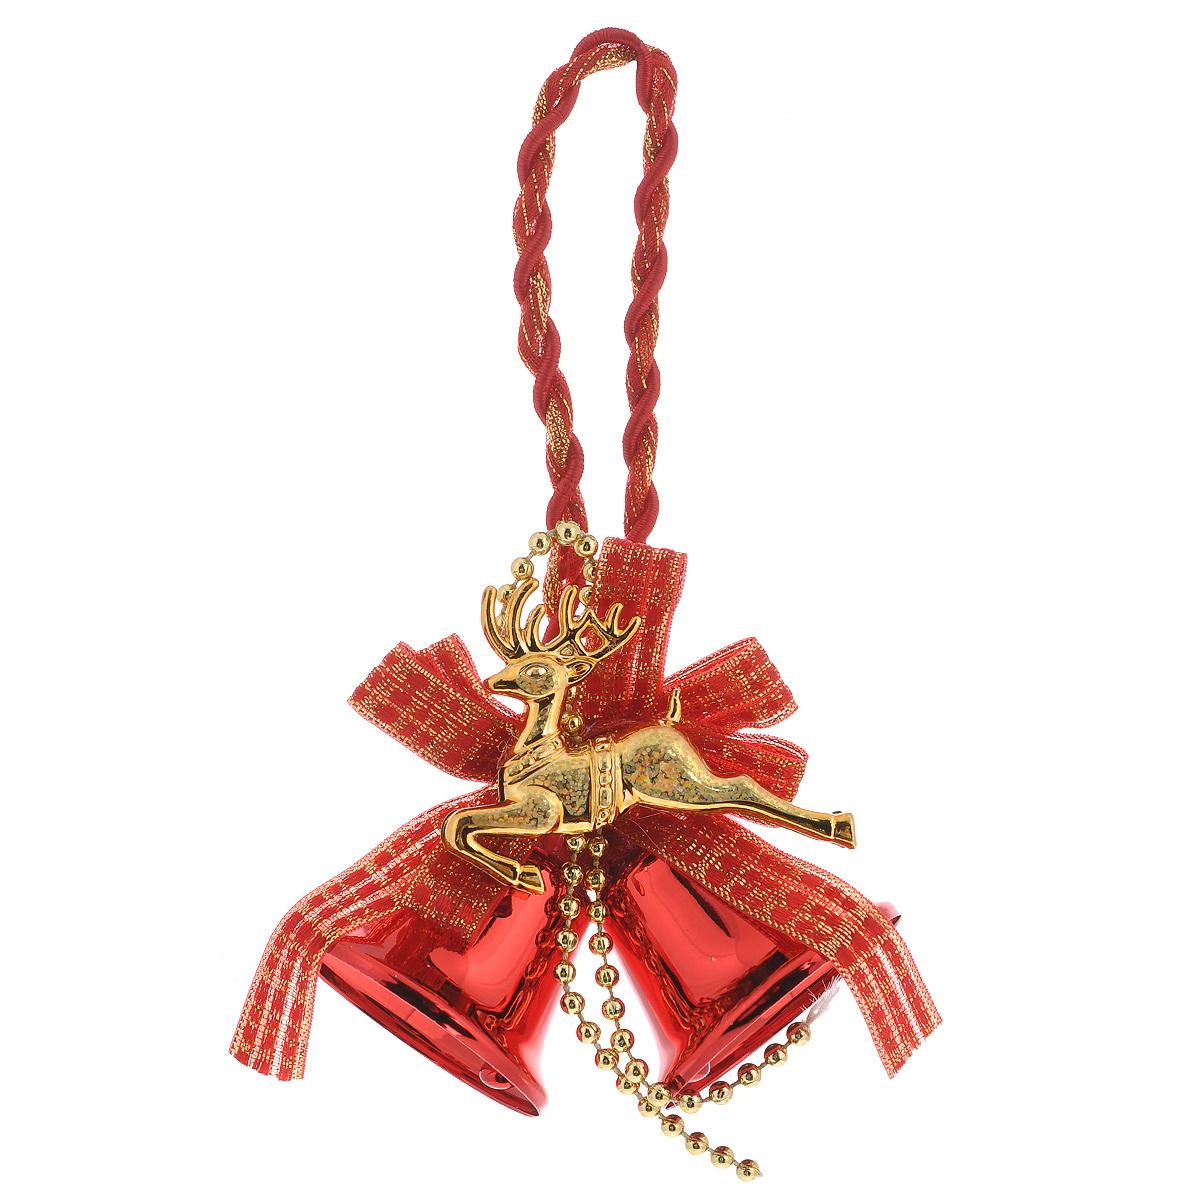 Новогоднее подвесное украшение Новогодние колокольчики, цвет: красныйC0042415Оригинальное новогоднее украшение из пластика прекрасно подойдет для праздничного декора дома и новогодней ели. Изделие крепится на елку с помощью металлического зажима.